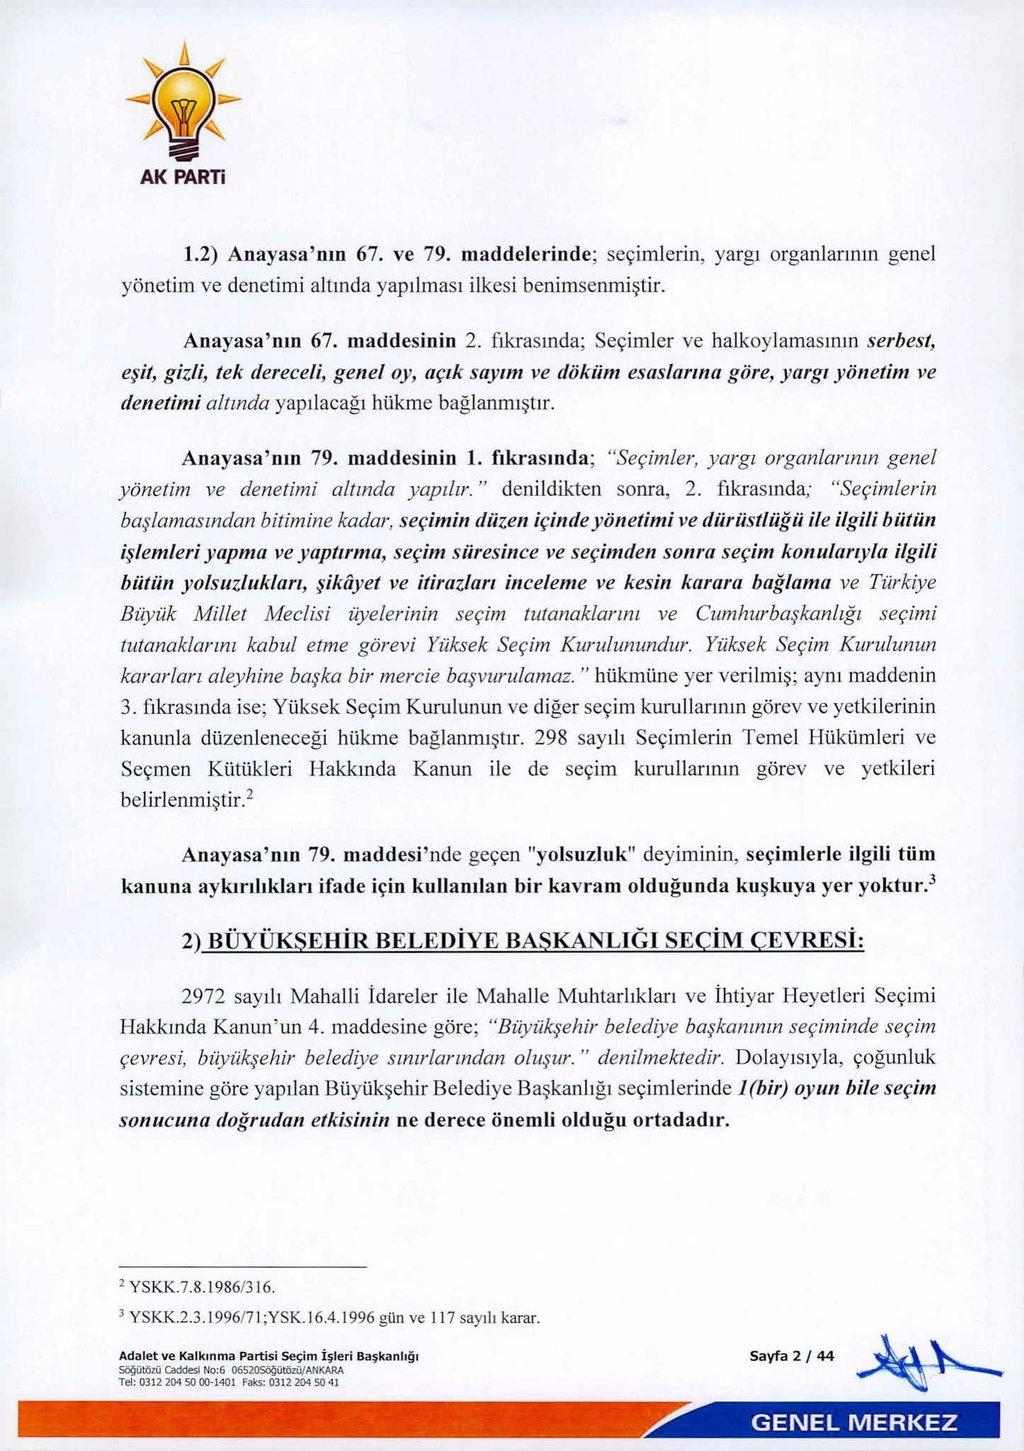 AK Parti'nin itirazlarının dayanakları ve sandıktaki usulsüzlüğün detayları...